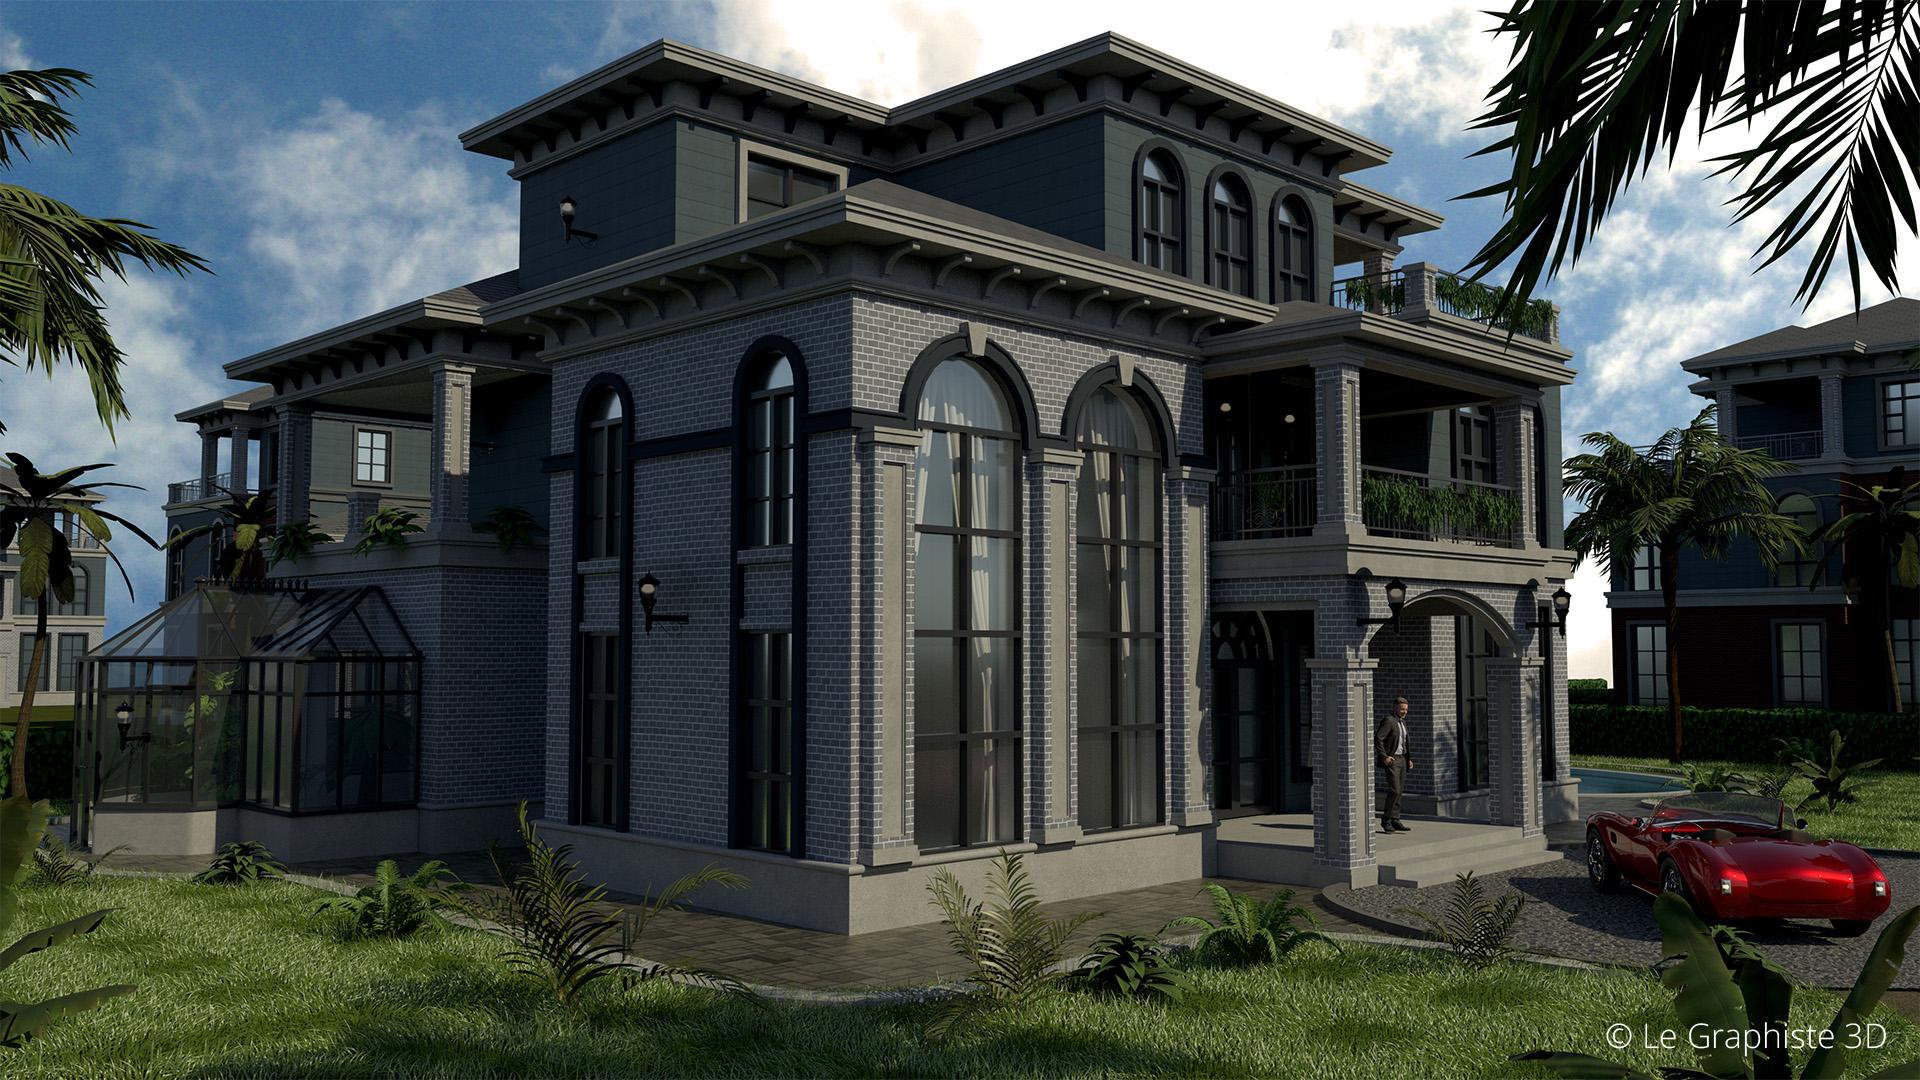 Illustration 3D - vue extérieure jour - Architecture - Le Graphiste 3D